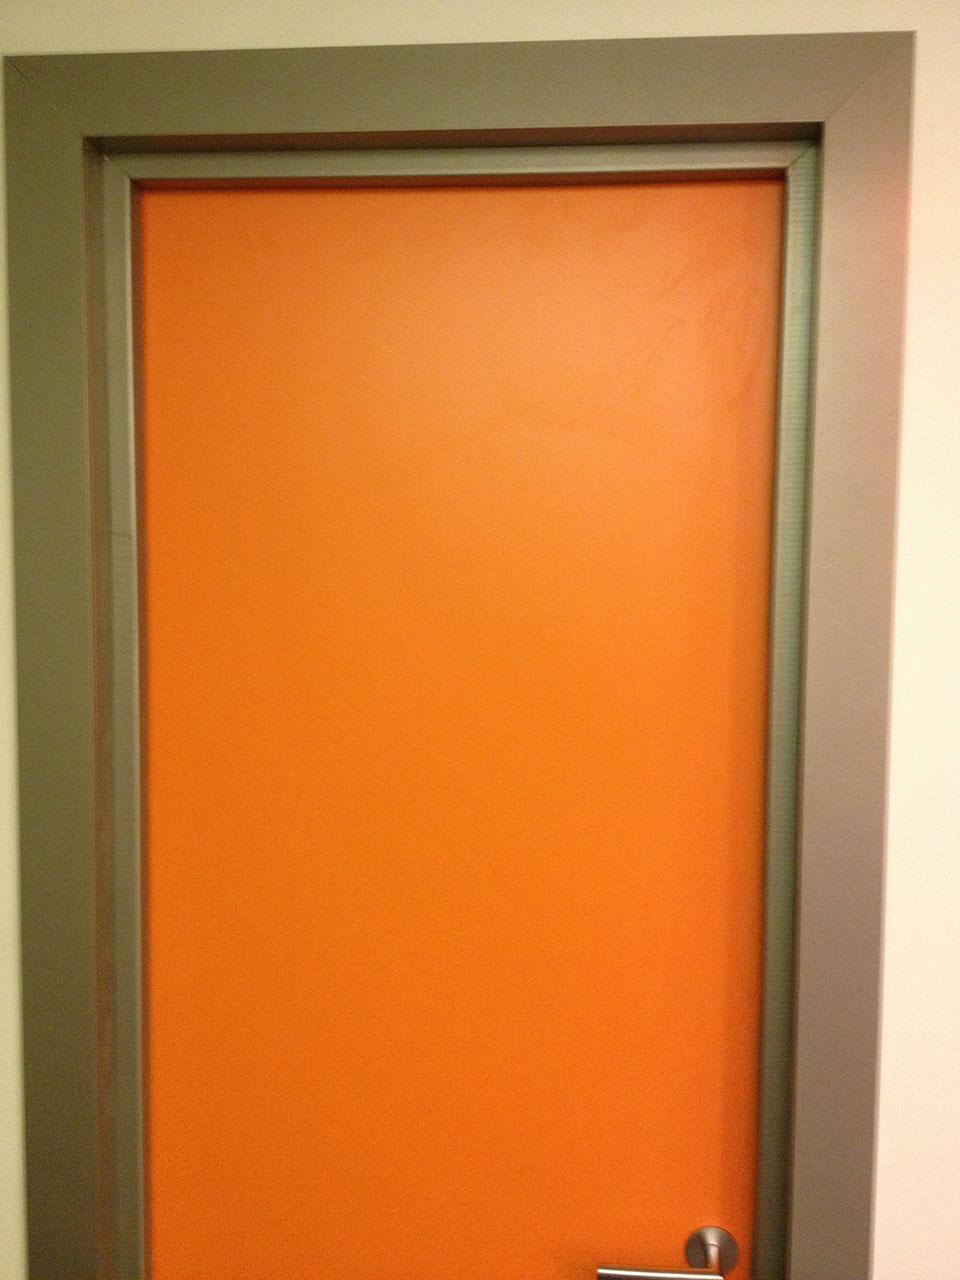 Межкомнатная пластиковая дверь в оранжевом цвете